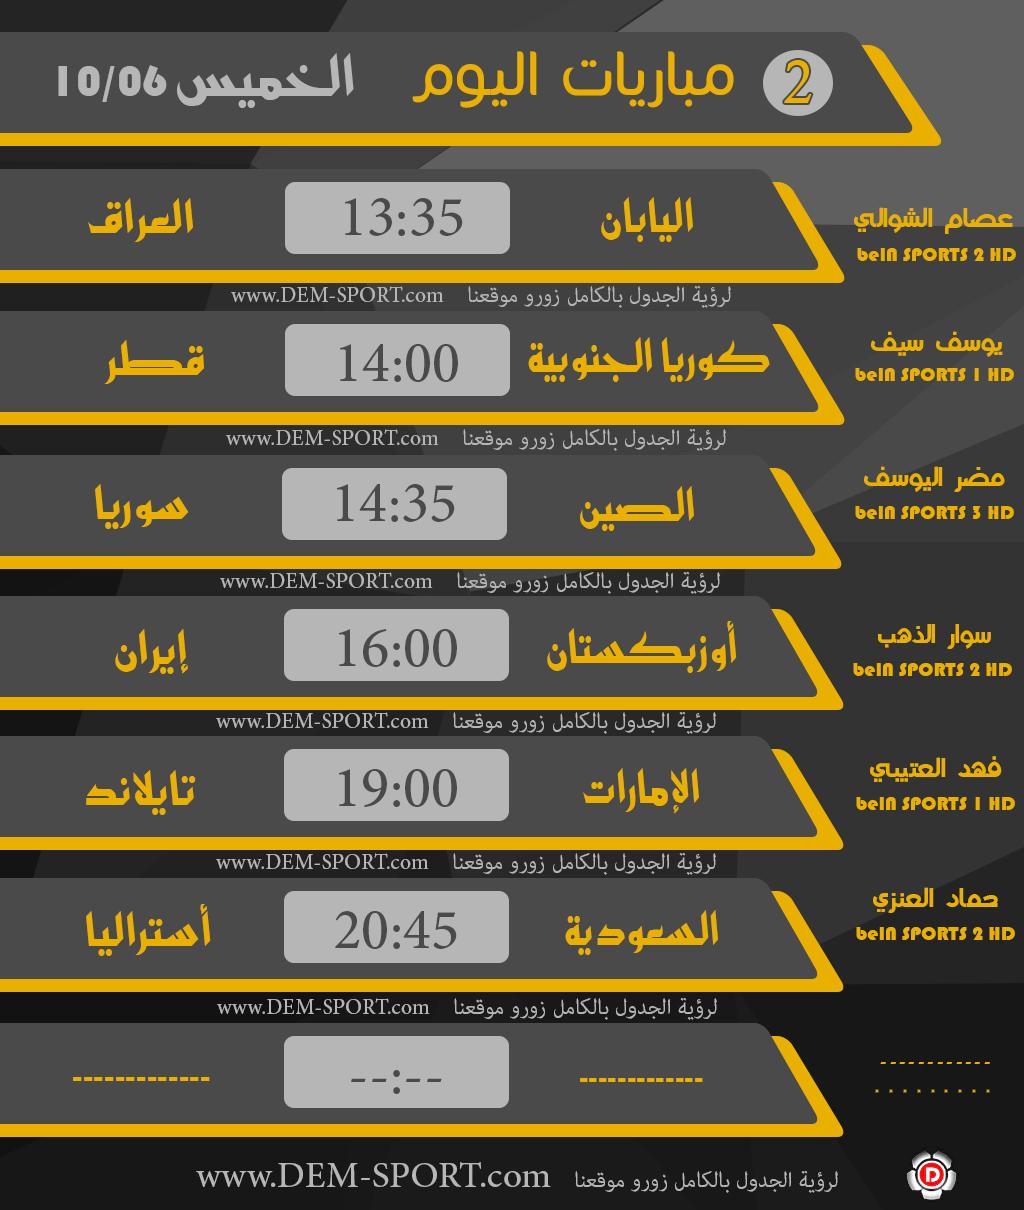 جدول مباريات اليوم الخميس 6 10 2016 تصفيات كأس العالم 2018 أسيا